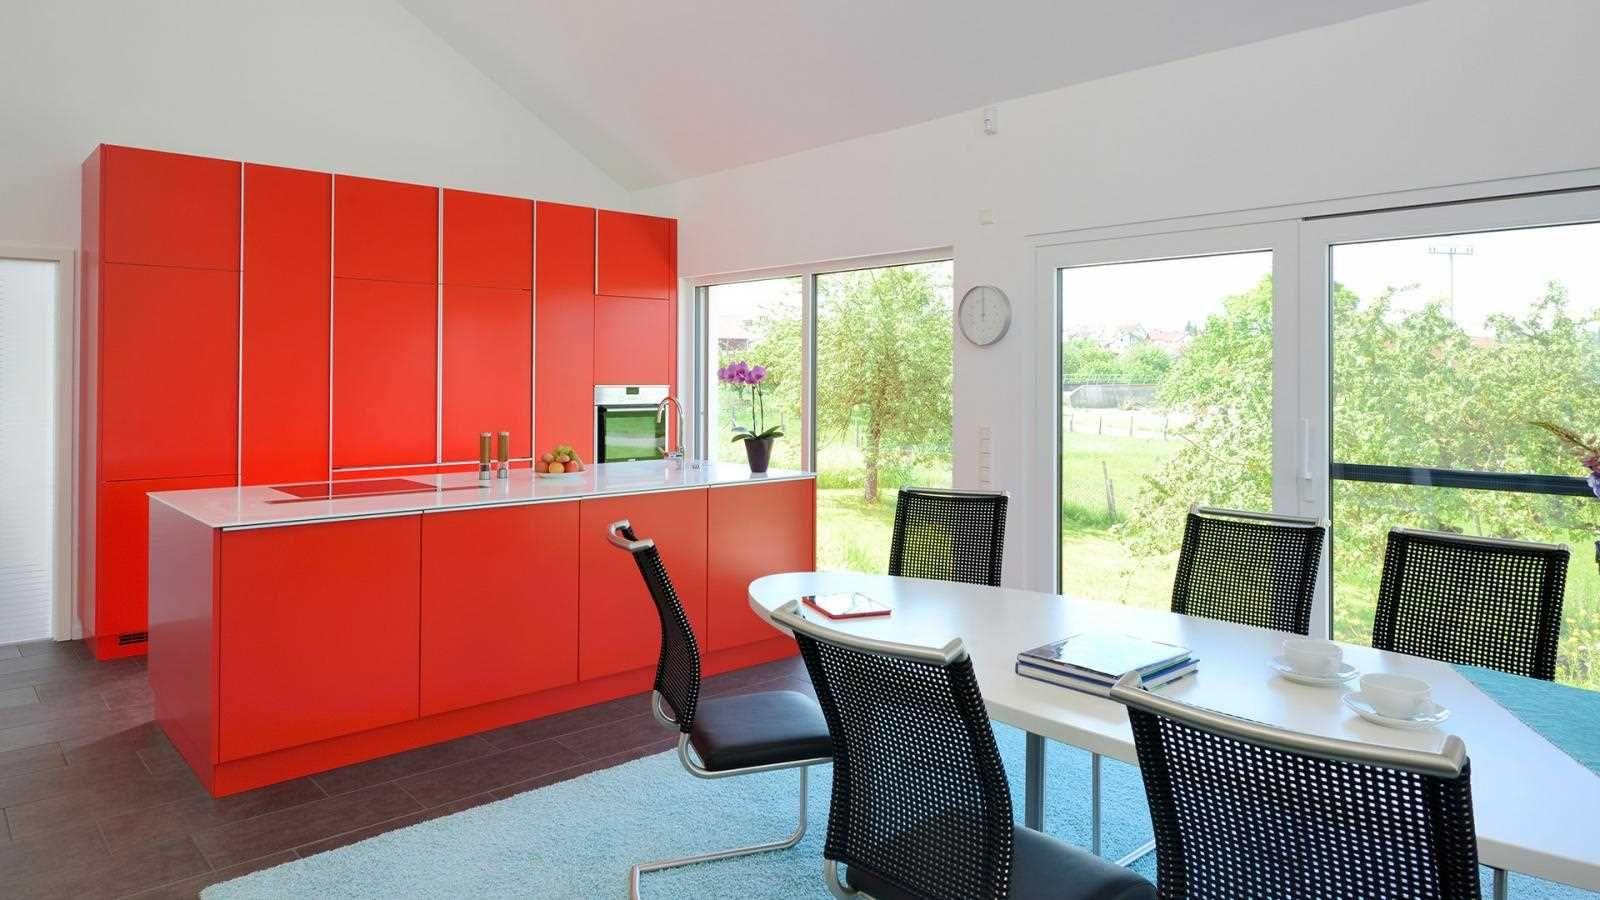 keine angst vor farbe dieser bungalow berrascht innen. Black Bedroom Furniture Sets. Home Design Ideas